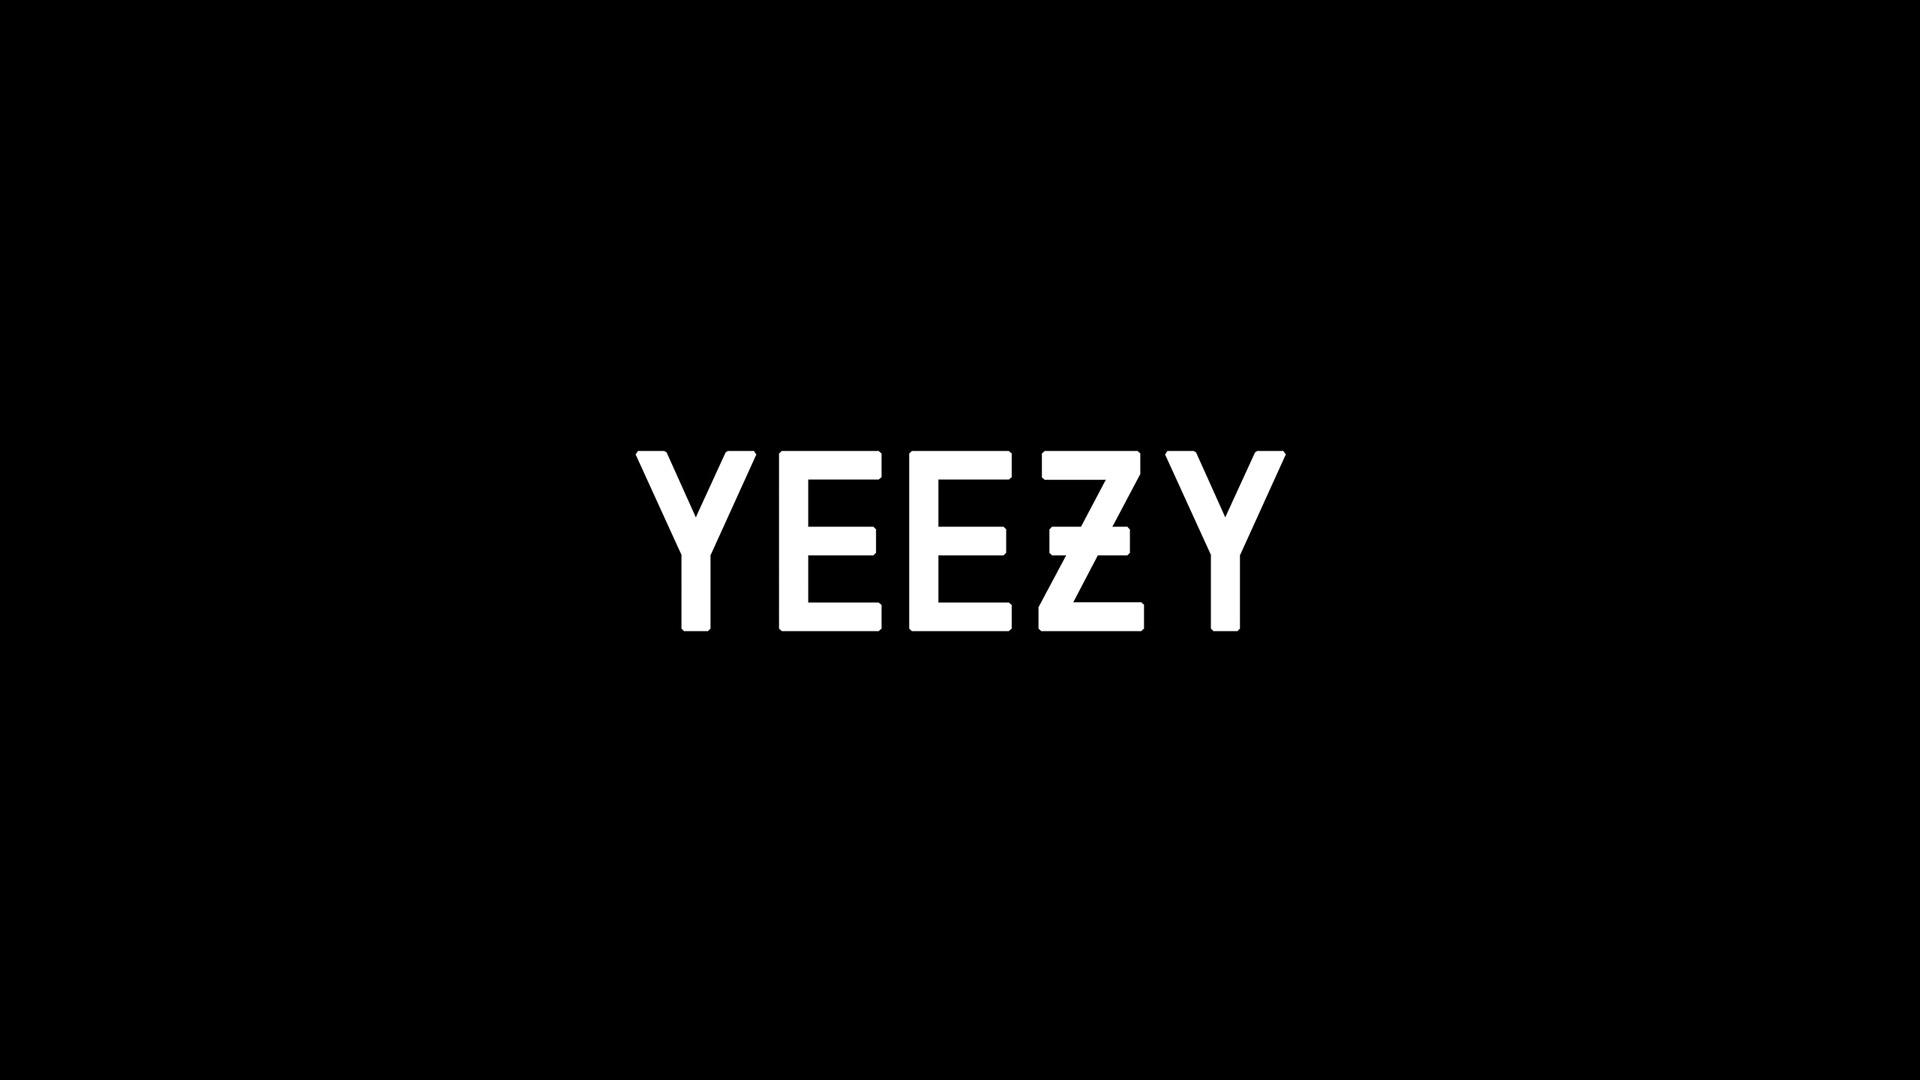 Yeezy Black Wallpaper , LegitYeezy.com